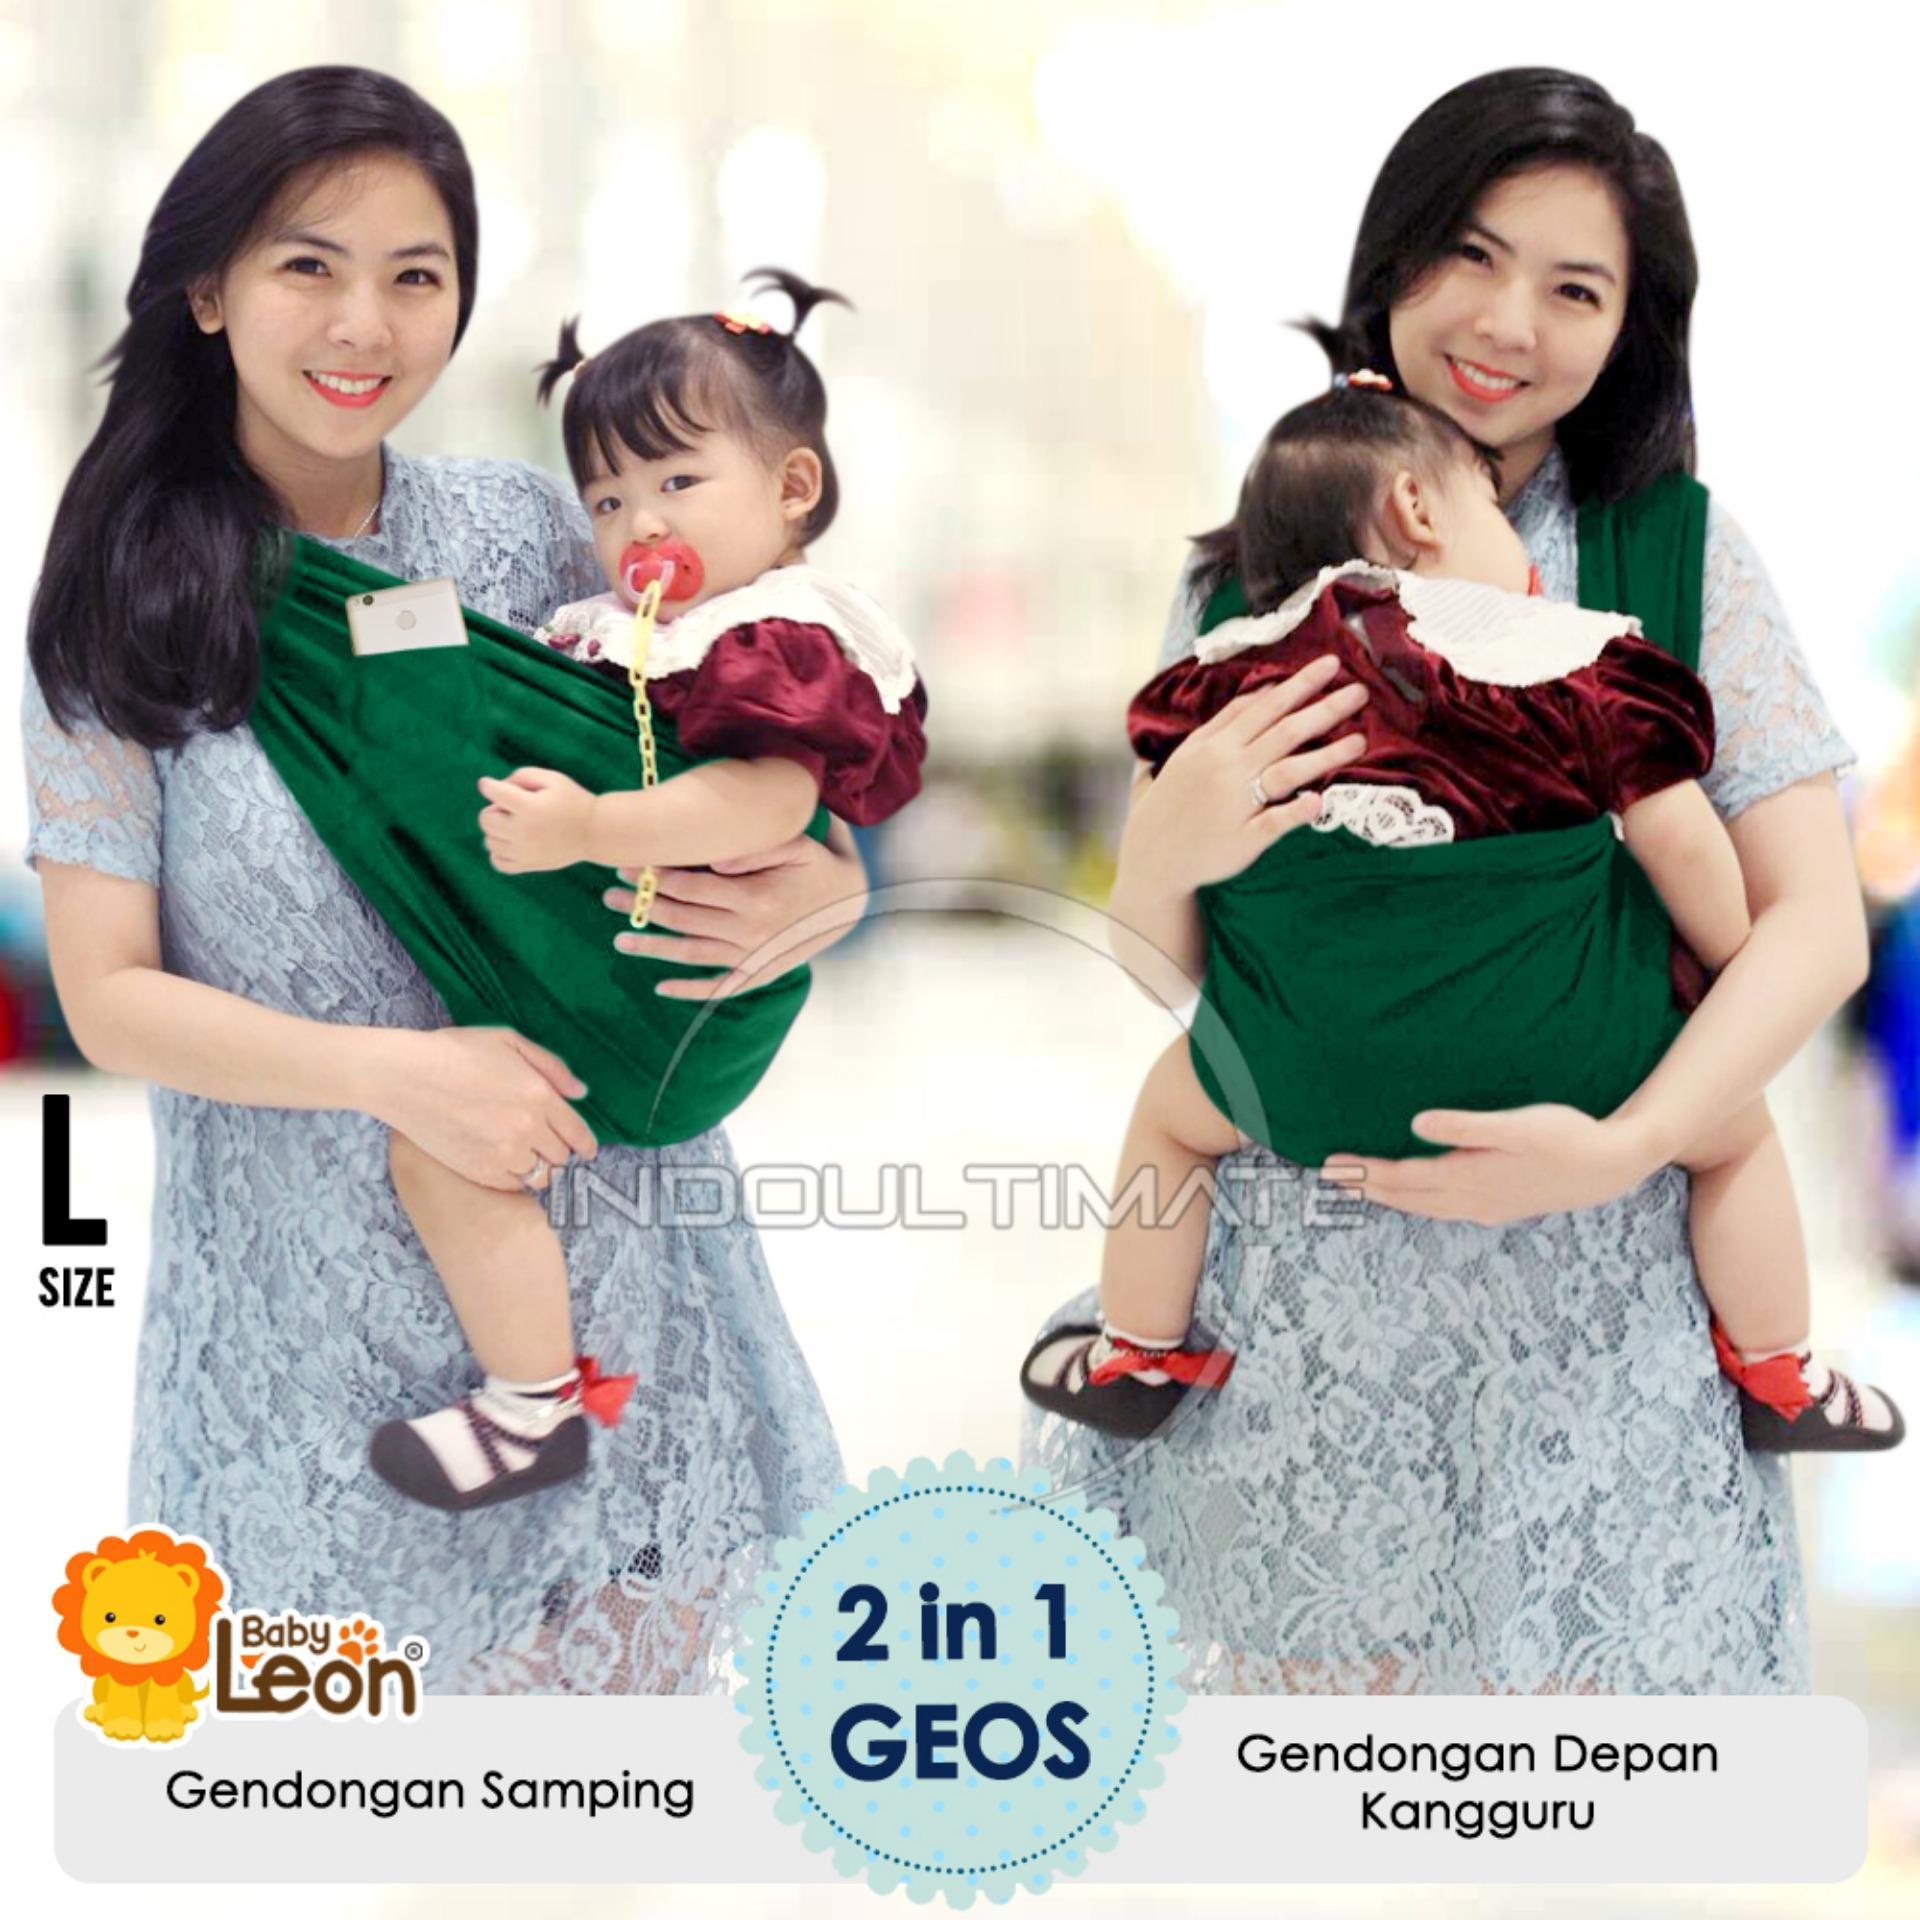 ... Bayi Praktis BY 44 GB Polos Ukuran M - Dark Grey   Shopee Indonesia. Source · BABY LEON Gendongan Kaos 100% cotton 2 in 1 / Geos Katun 2 in 1